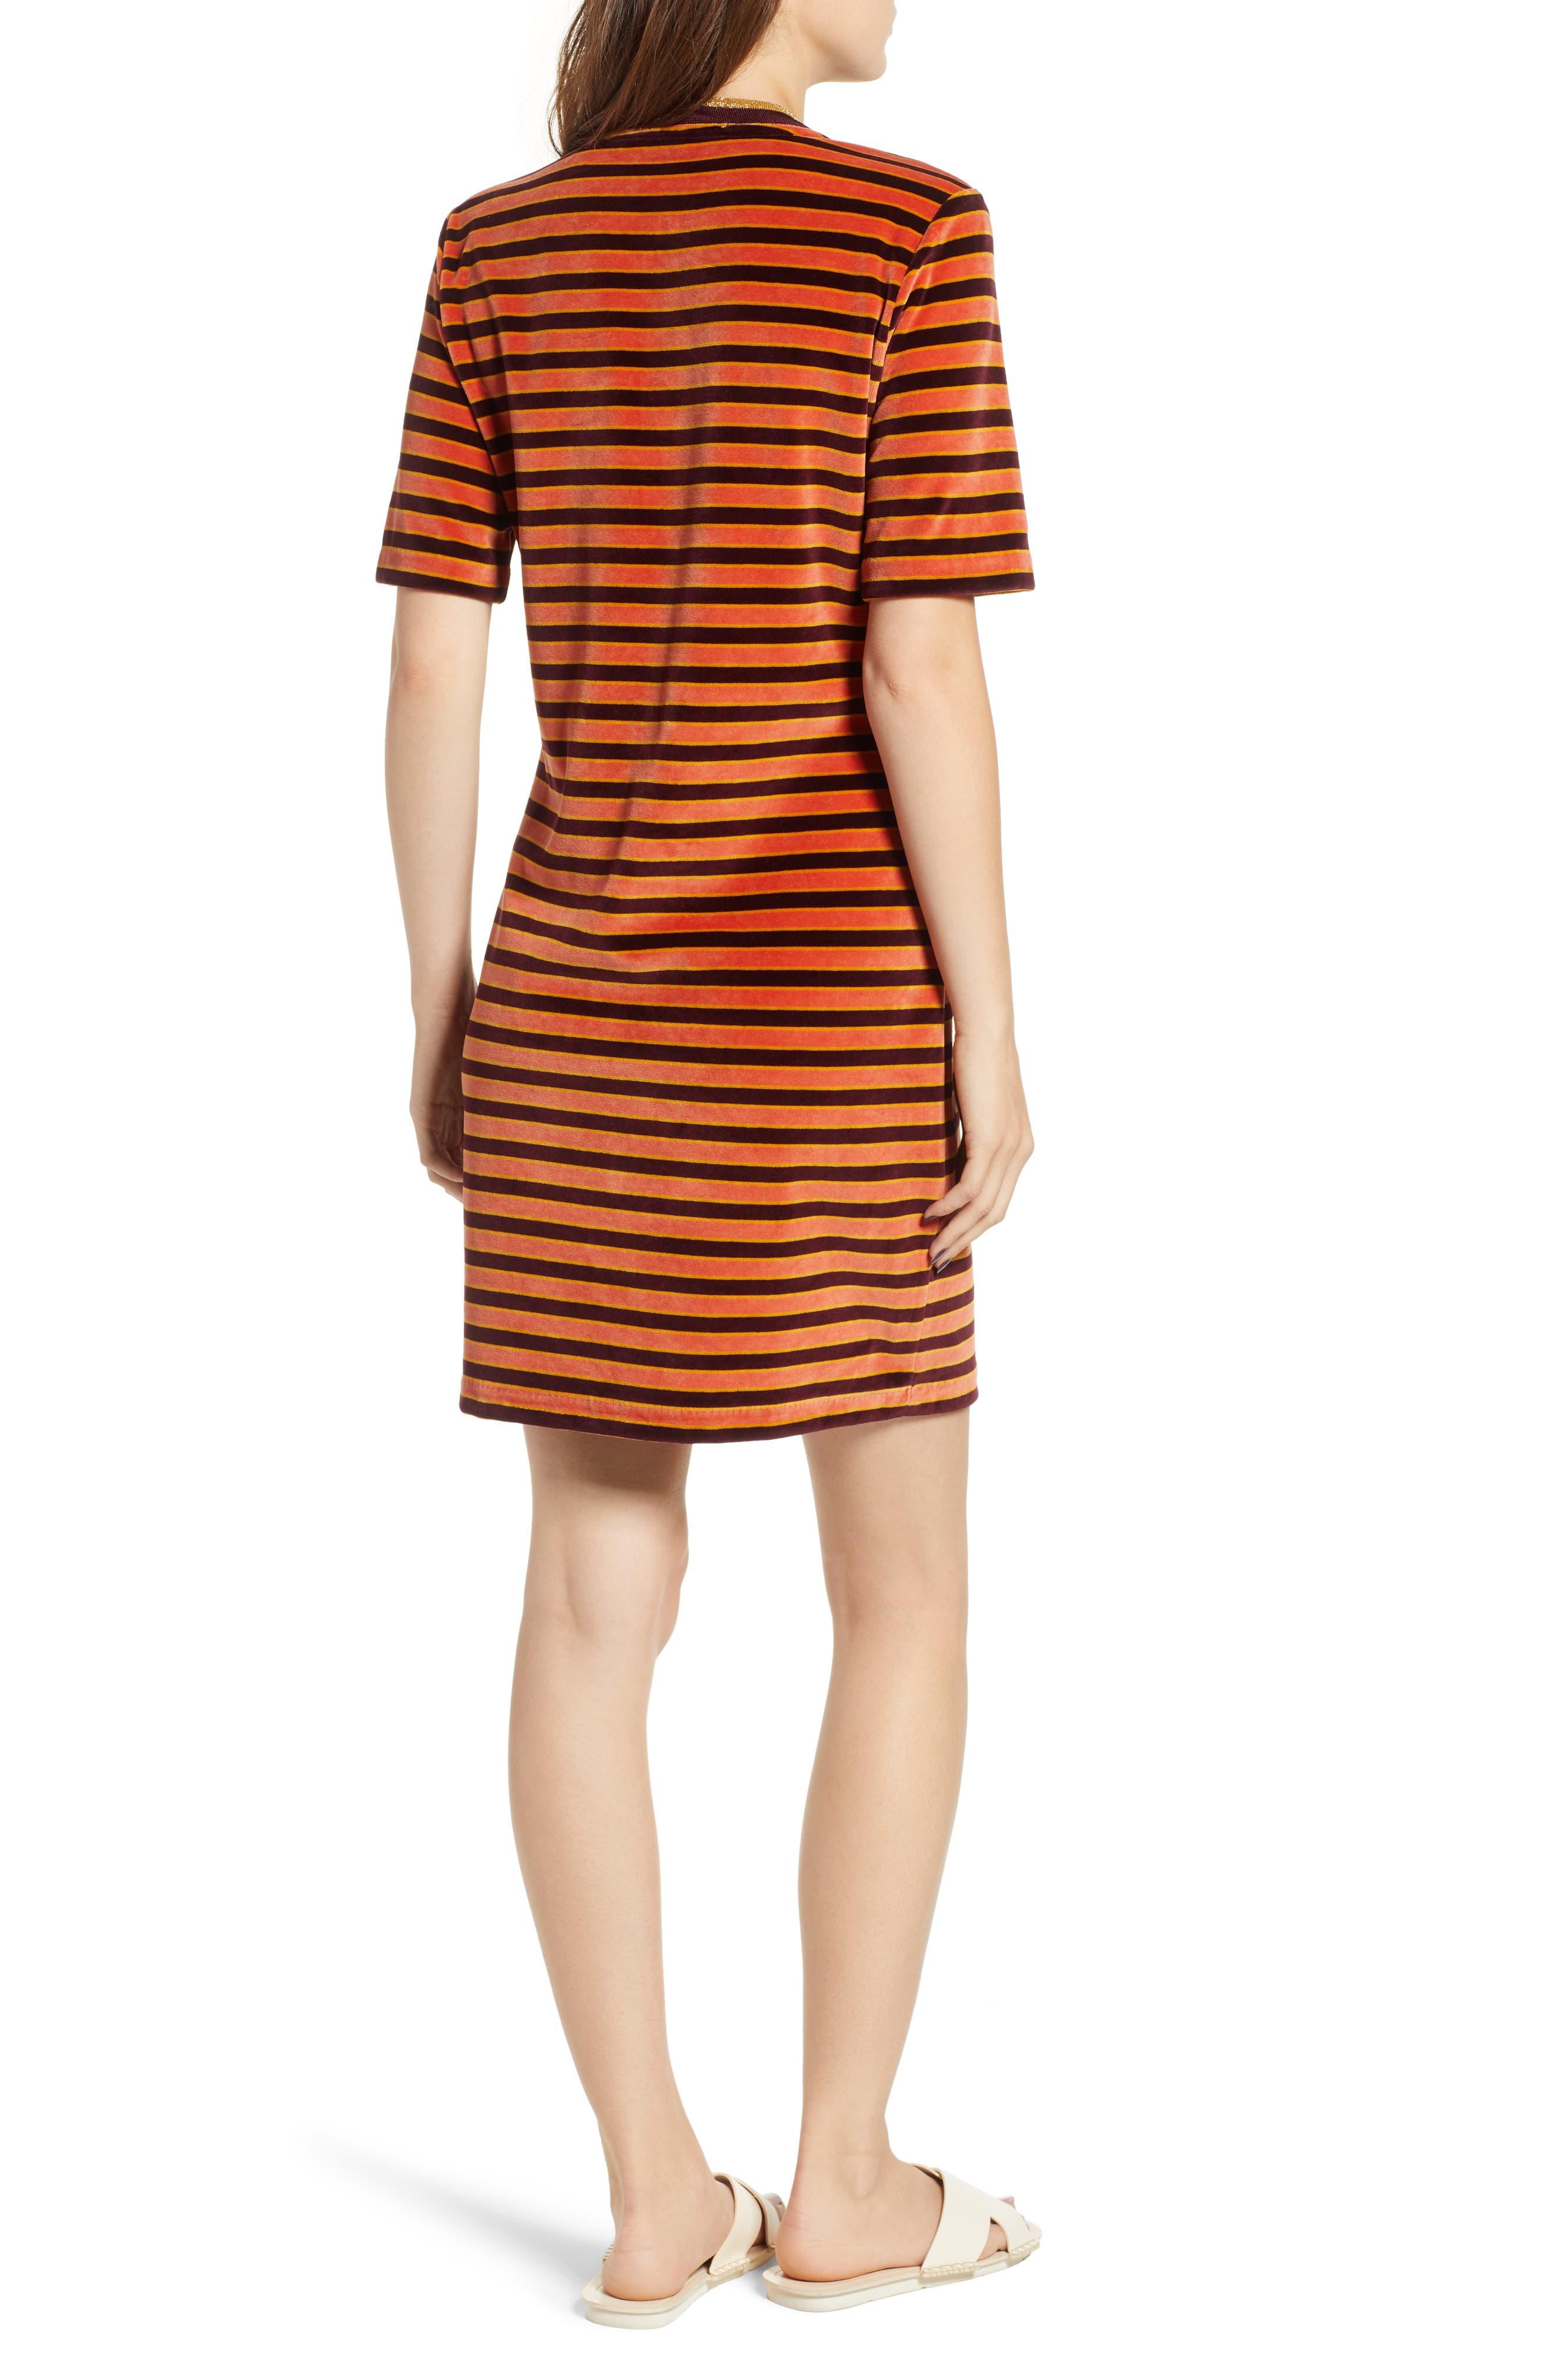 Striped Short Sleeve Velour Dress,                             Alternate thumbnail 2, color,                             ORANGE BURGUNDY STRIPE